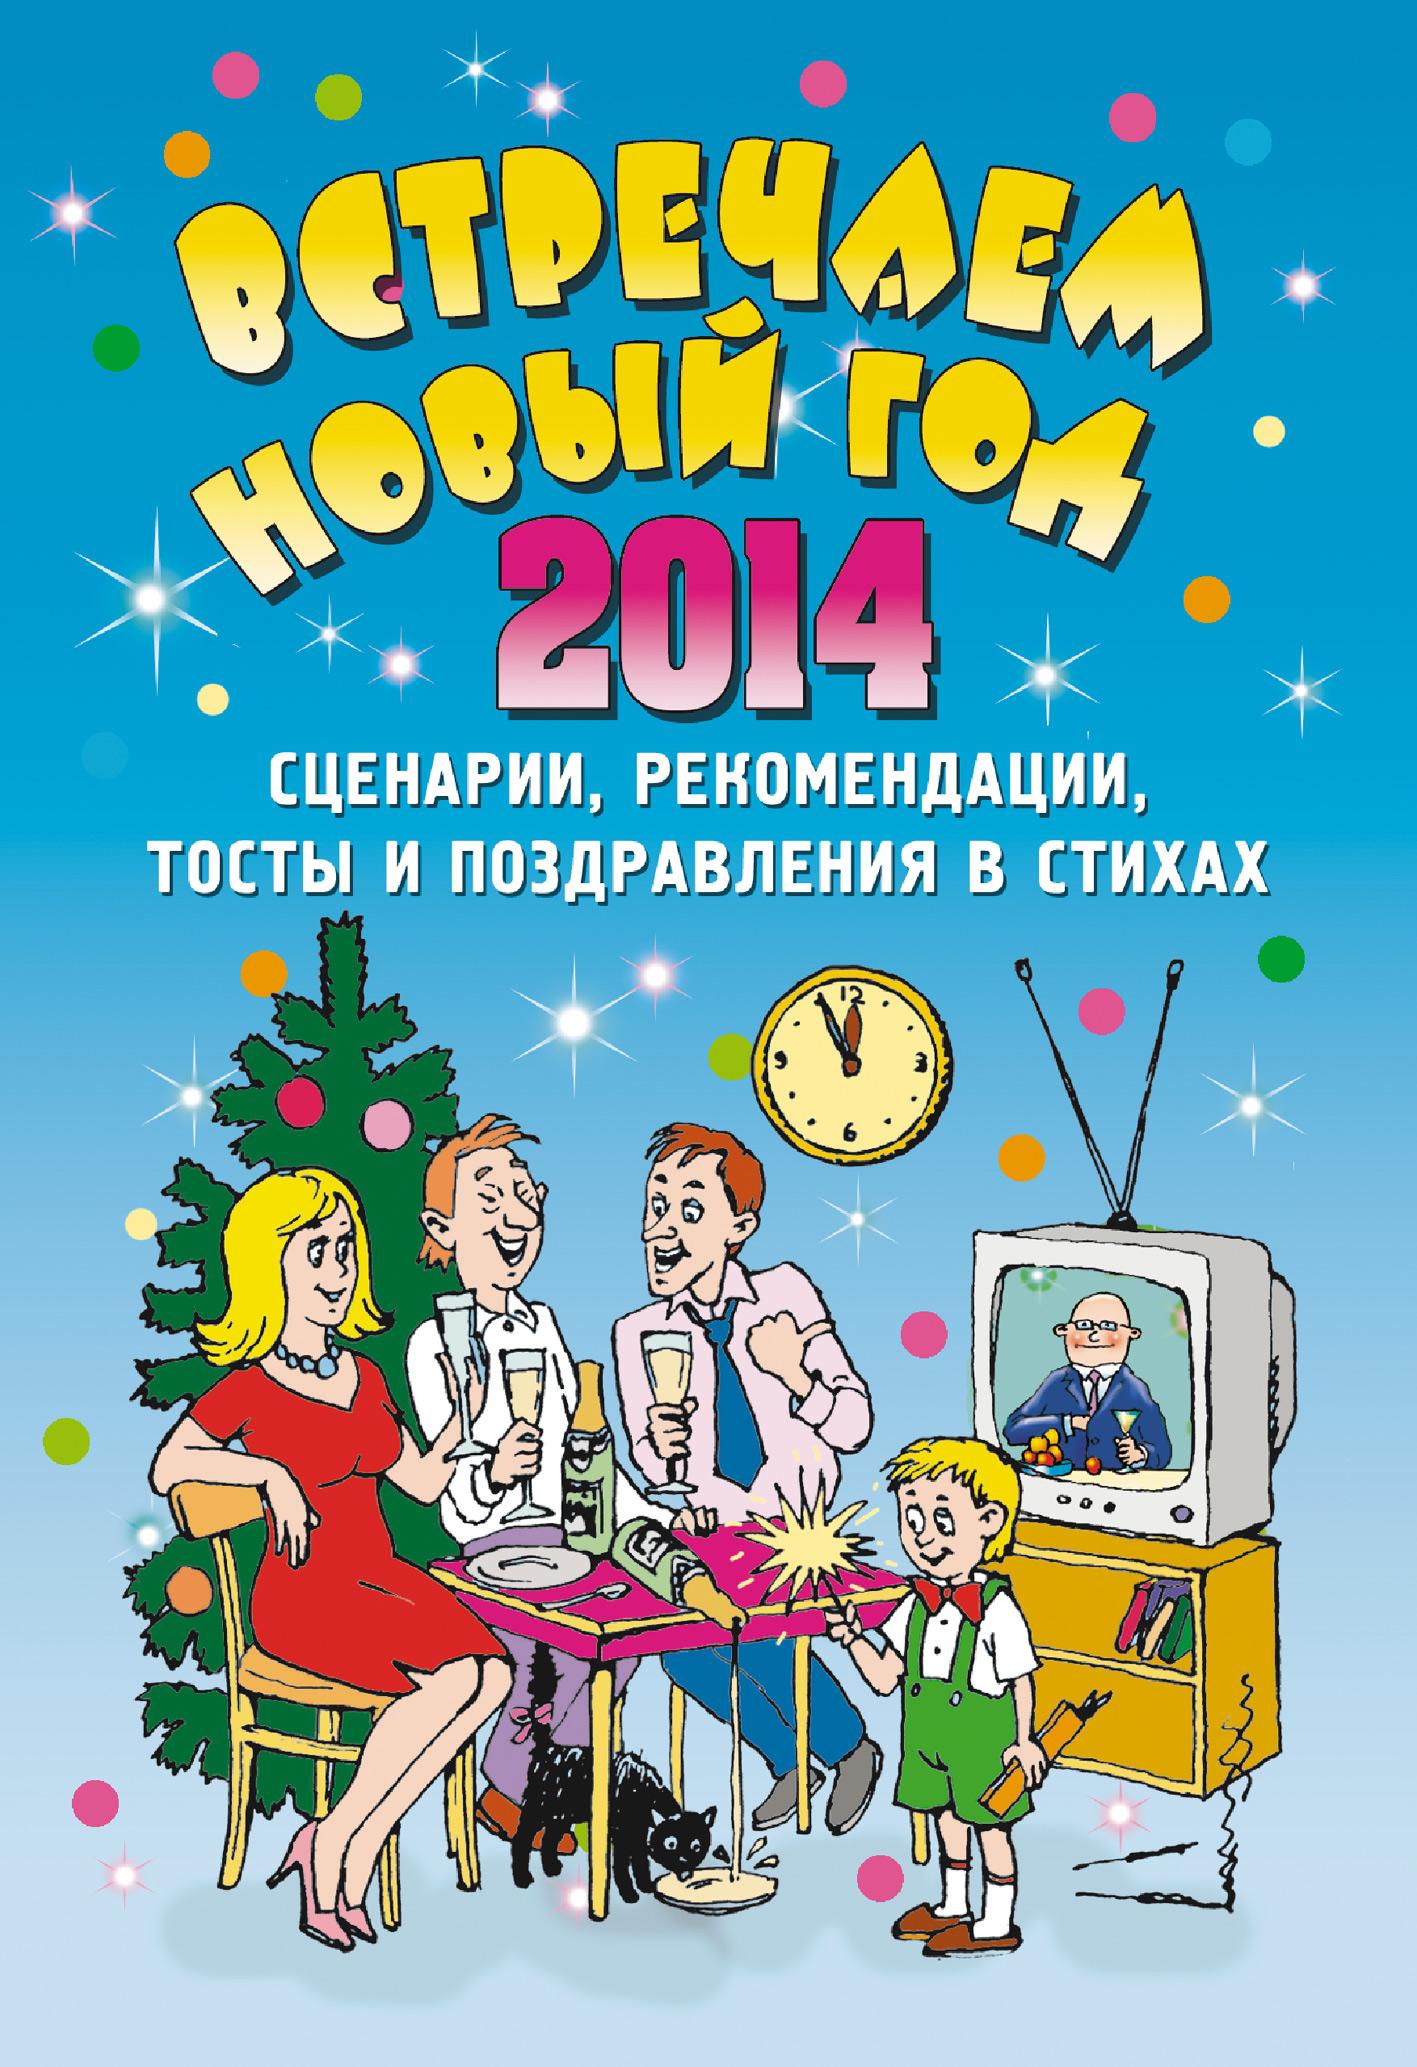 Отсутствует Встречаем Новый 2014 год: Сценарии, рекомендации, тосты и поздравления в стихах